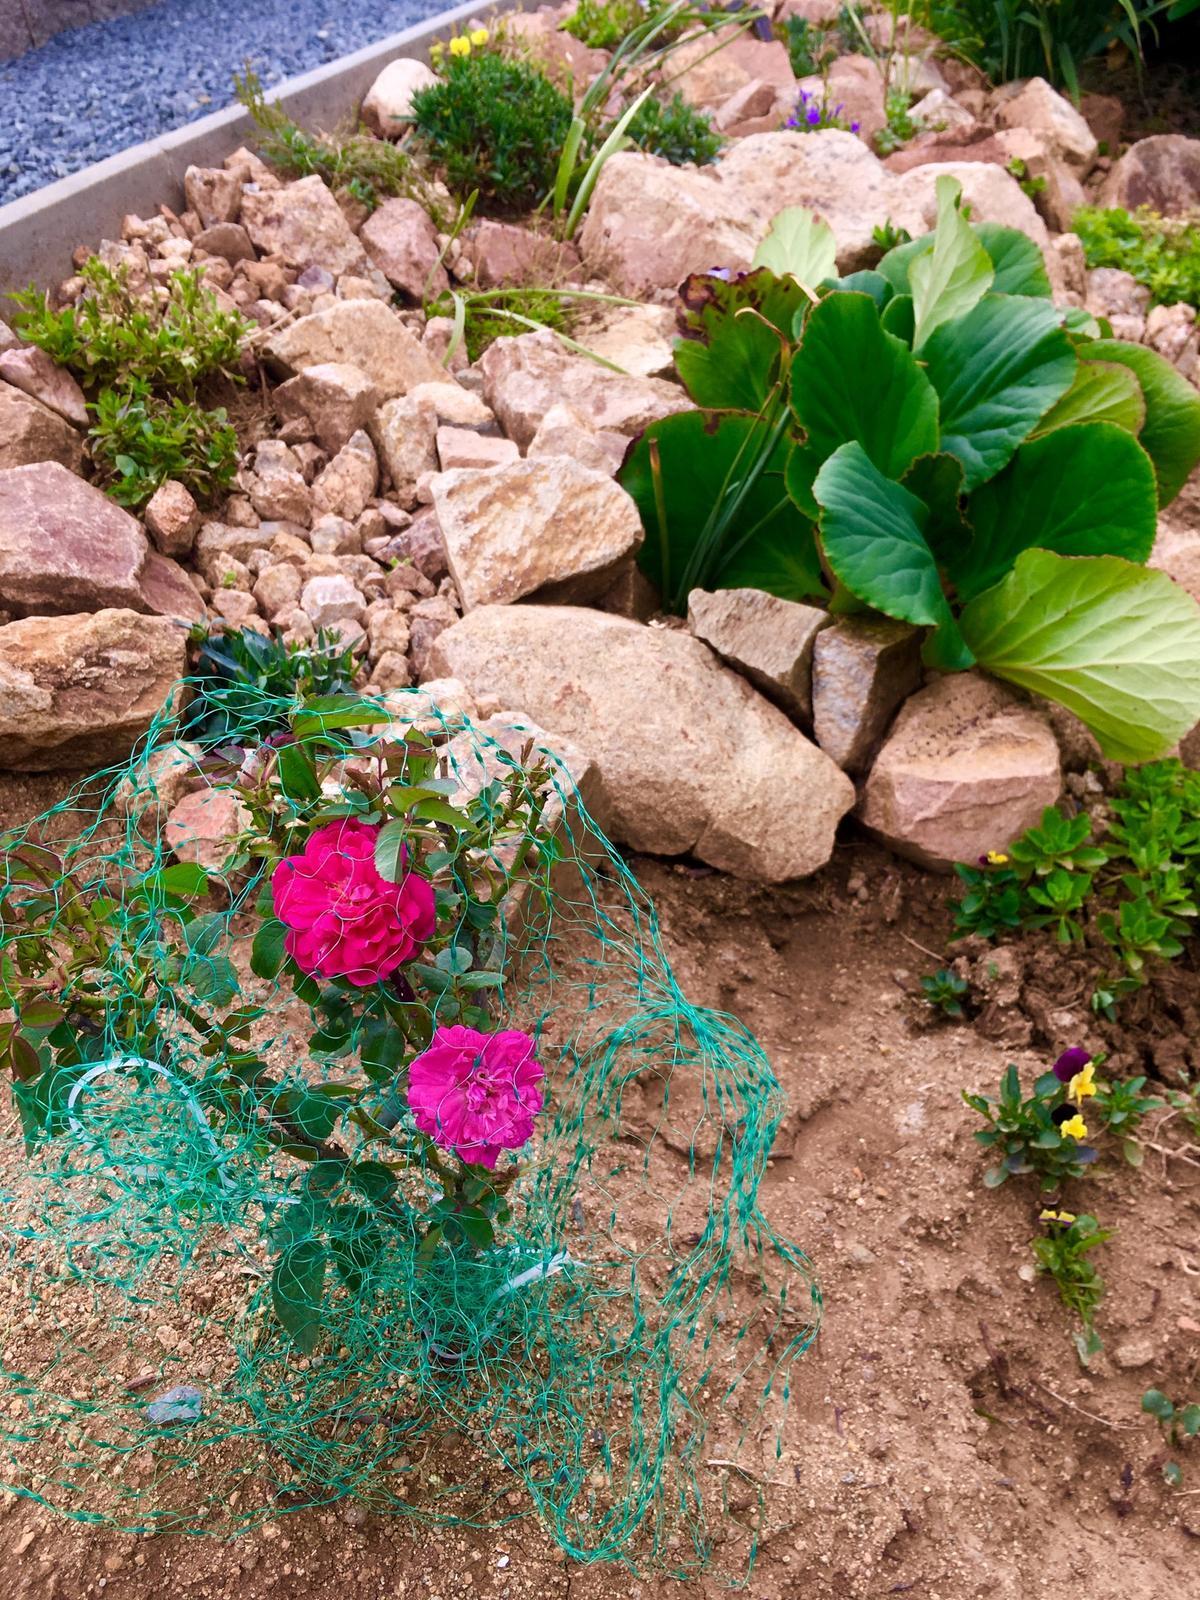 Fáze druhá ... zahrada - Červenec 2019 - damašská růže šla pod síť, než povyroste, je to s podivem, ale růže srny taky milují a požírají